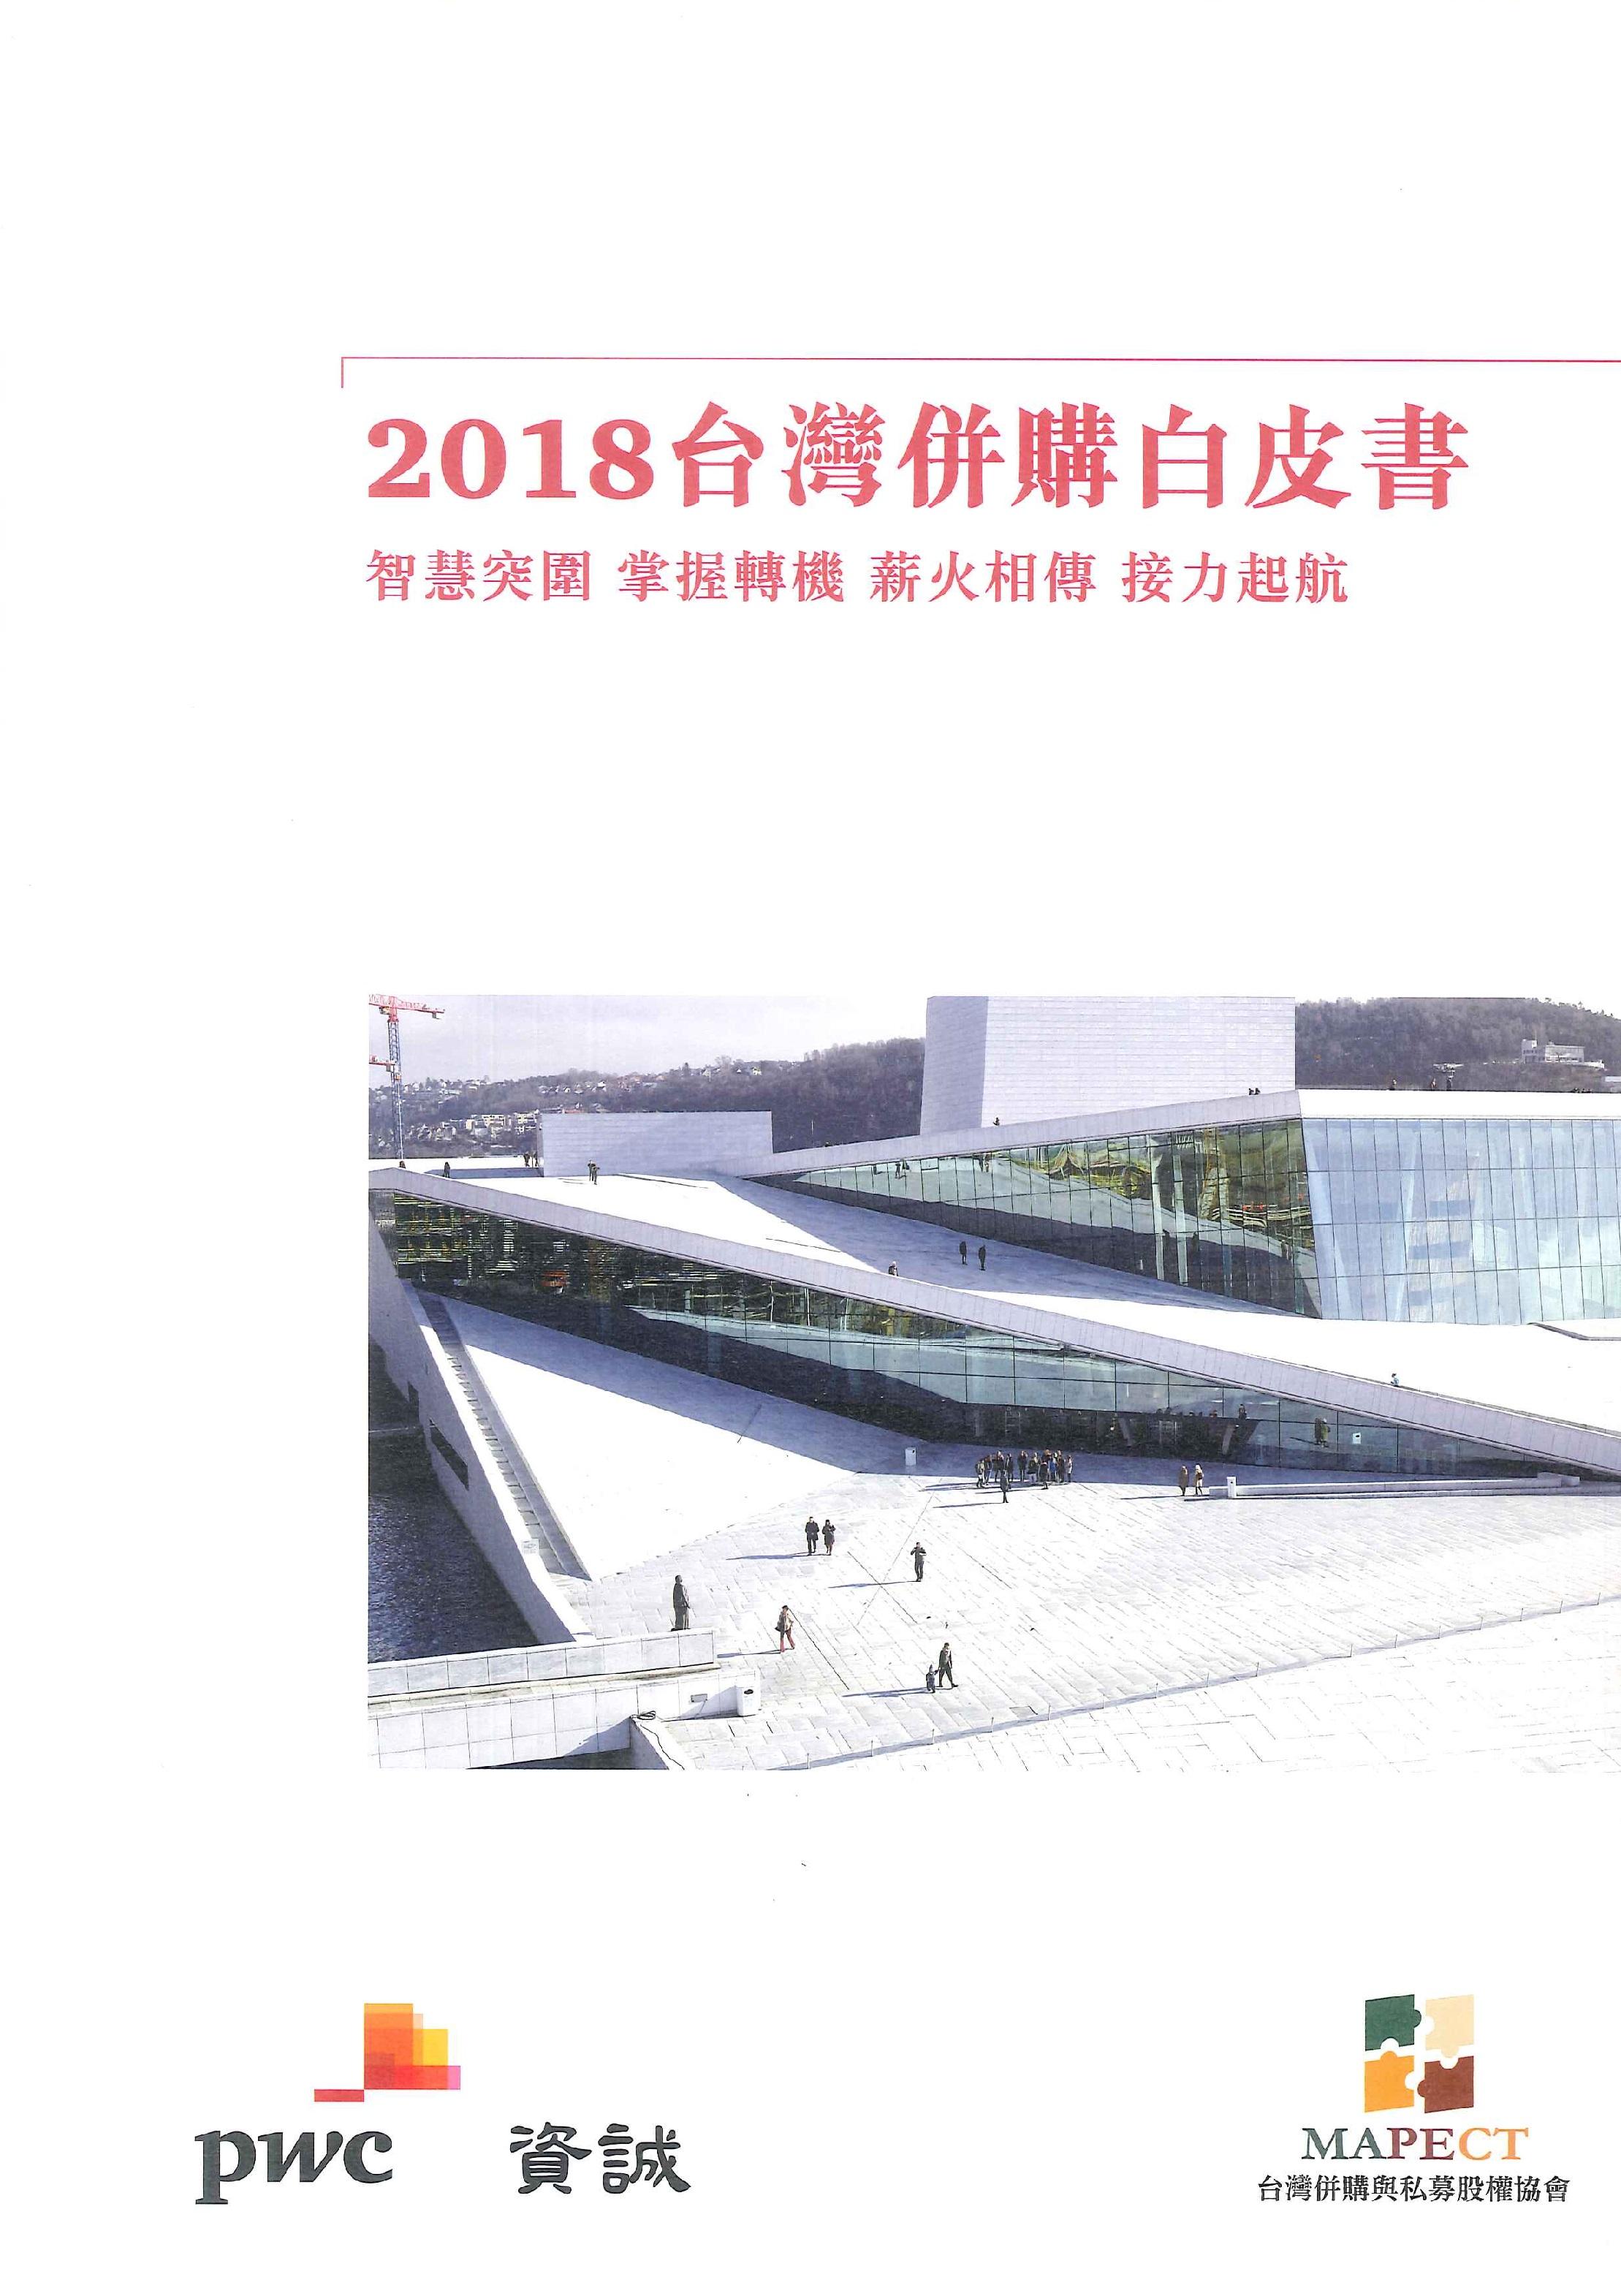 台灣併購白皮書.2018:智慧突圍 掌握轉機 薪火相傳 接力起航